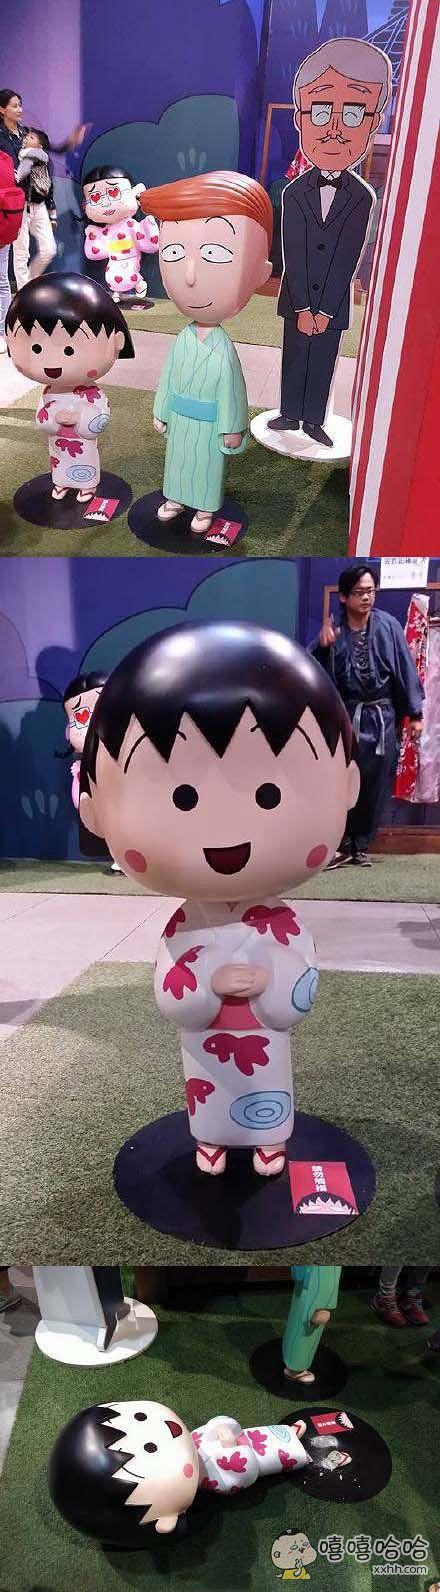 高雄樱桃小丸子学园祭─25周年特展,小丸子不知道被谁扑倒了